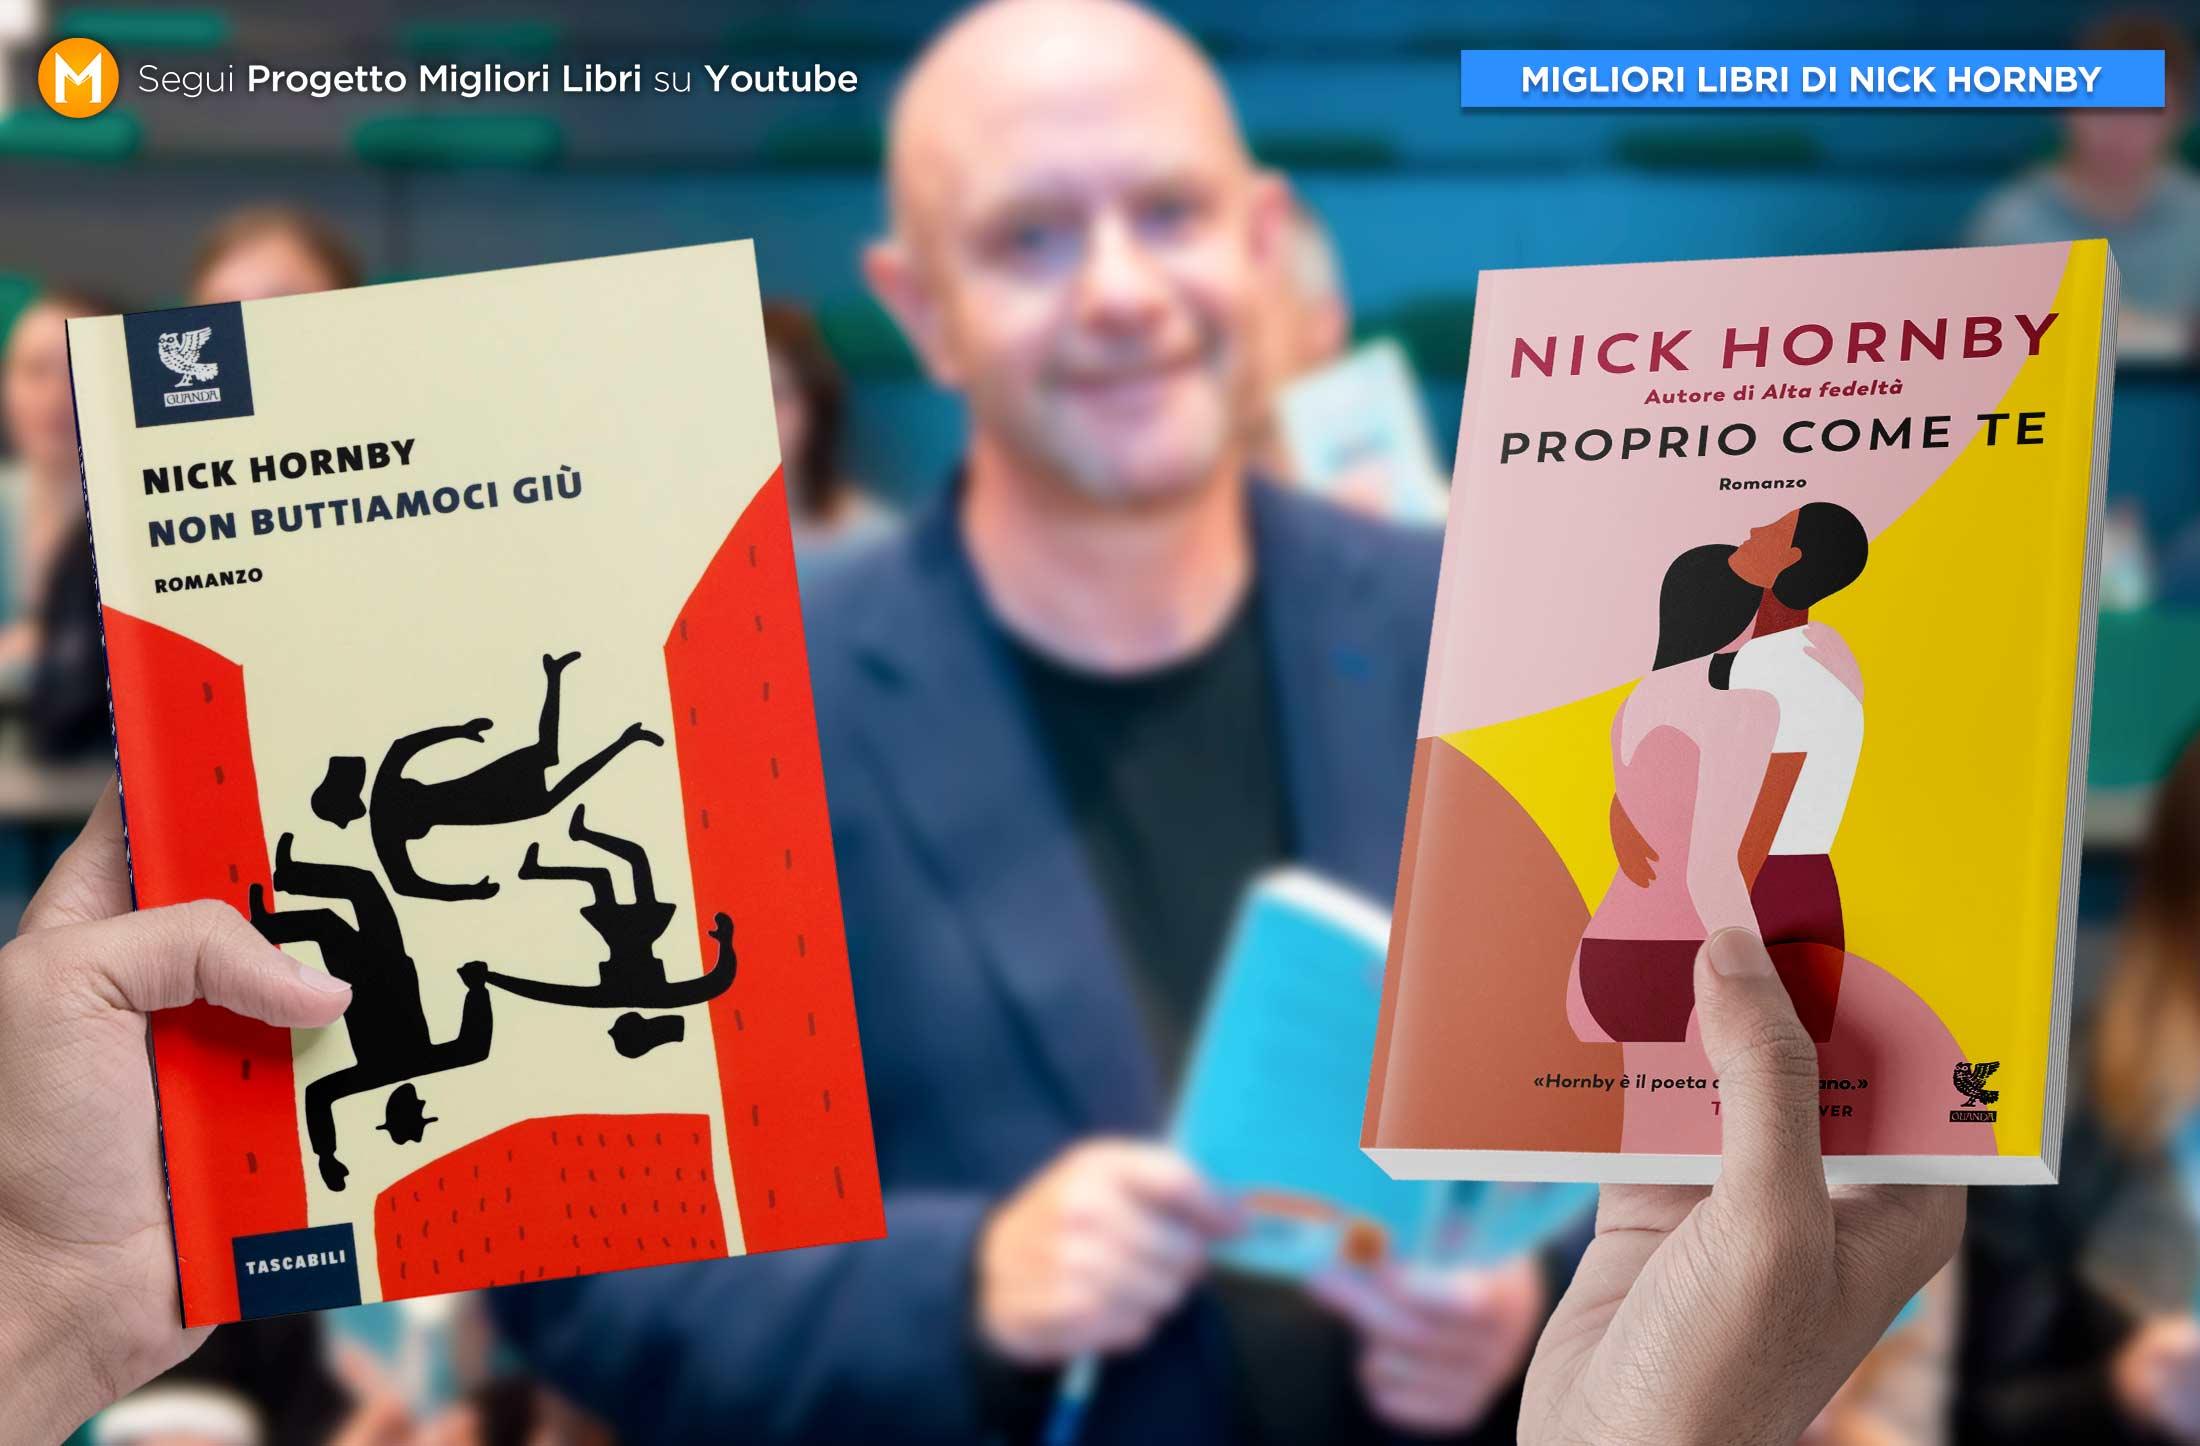 migliori-libri-di-nick-hornby